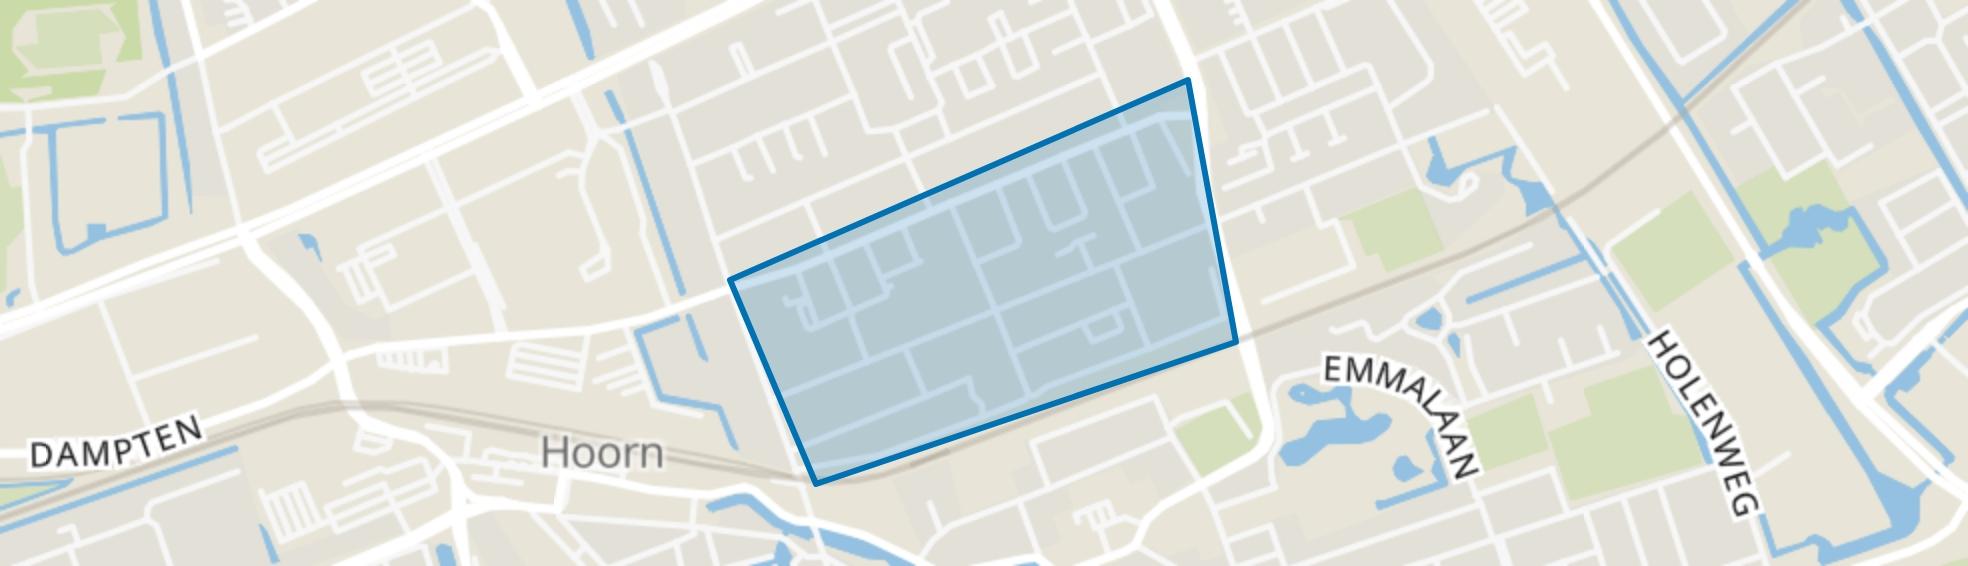 Hoorn Noord - Buurt 12 02, Hoorn (NH) map